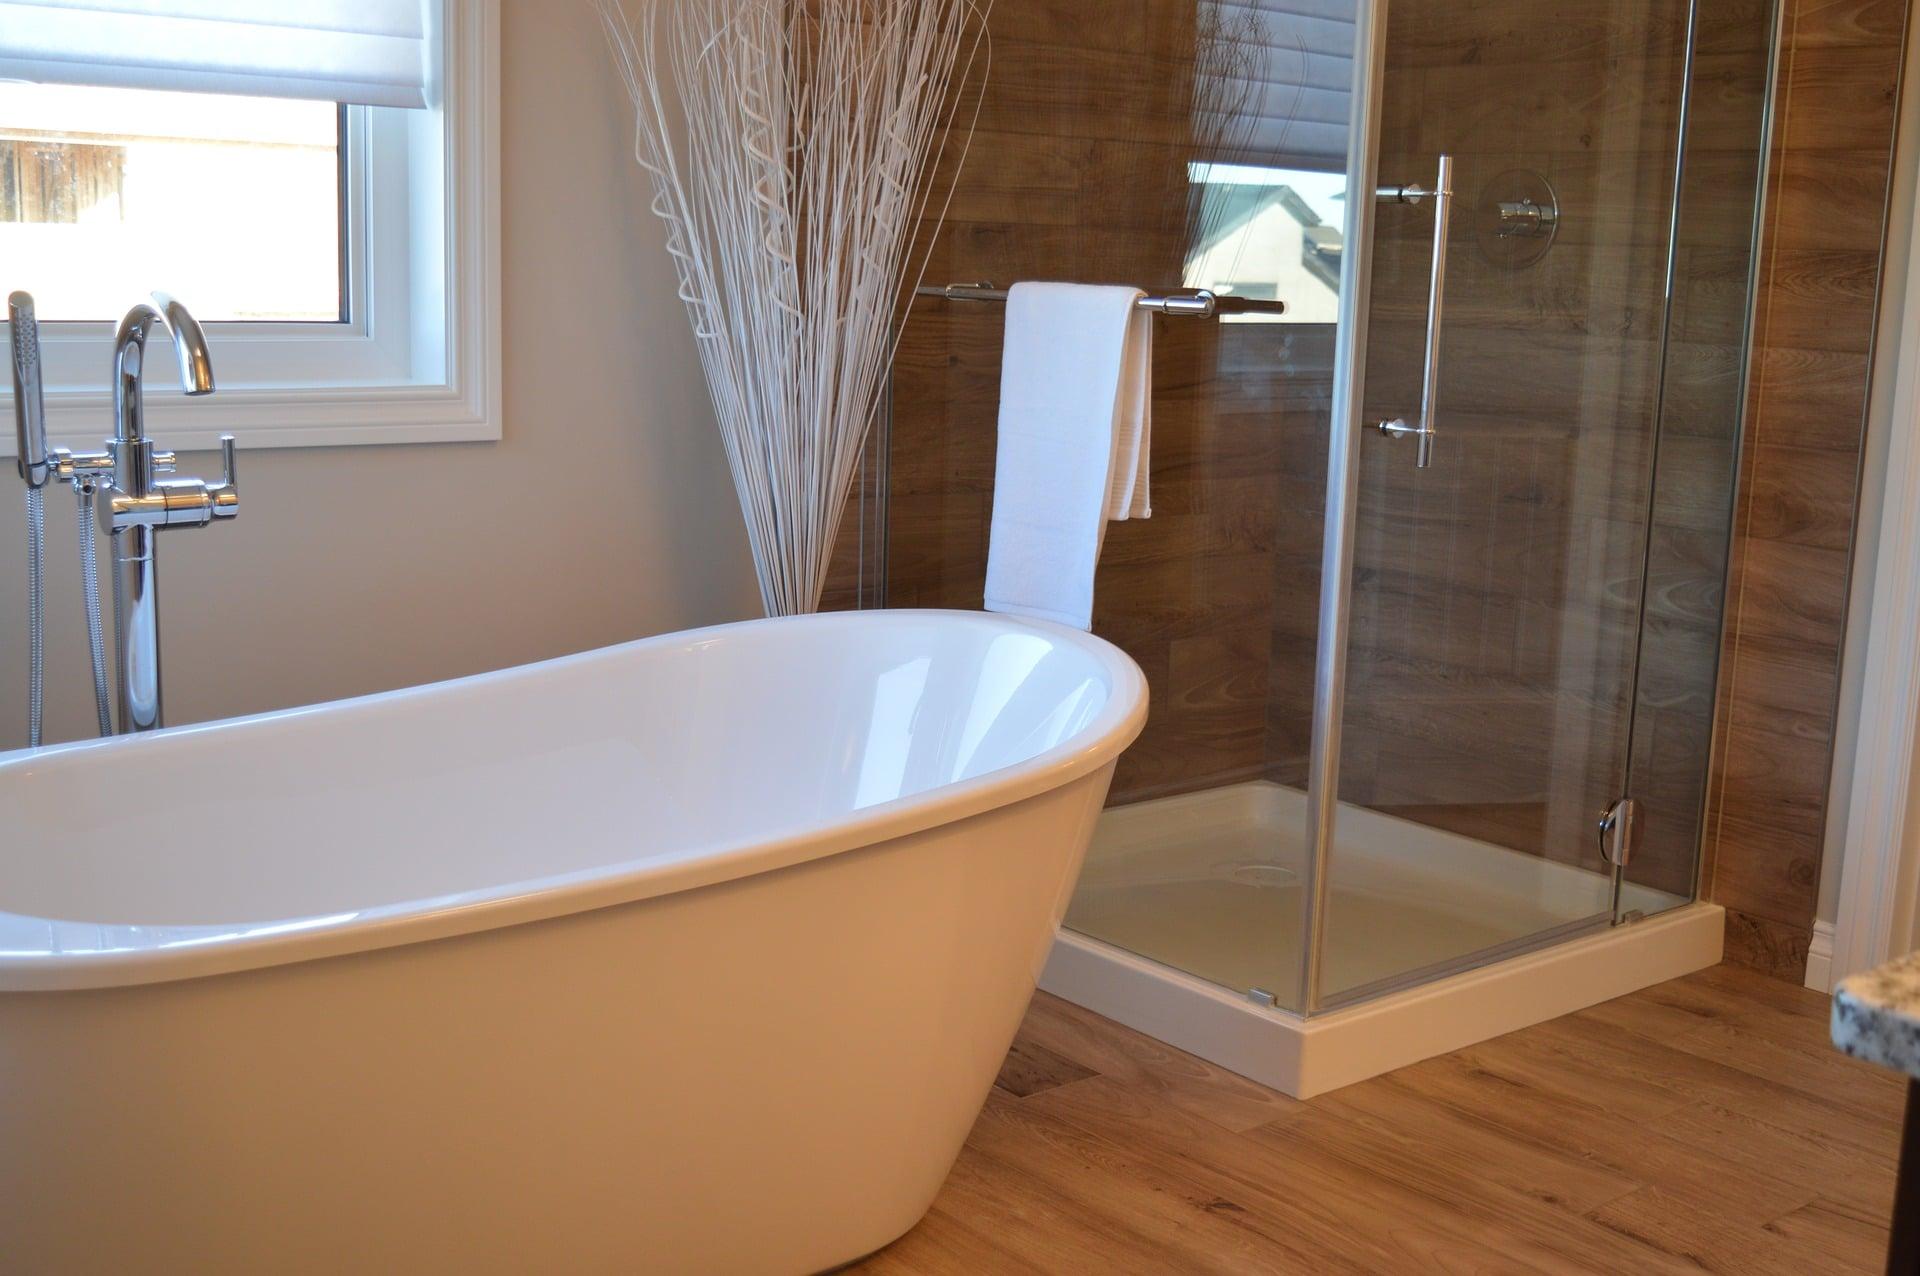 Dusche oder Badewanne – eine Entscheidungshilfe für das Bad